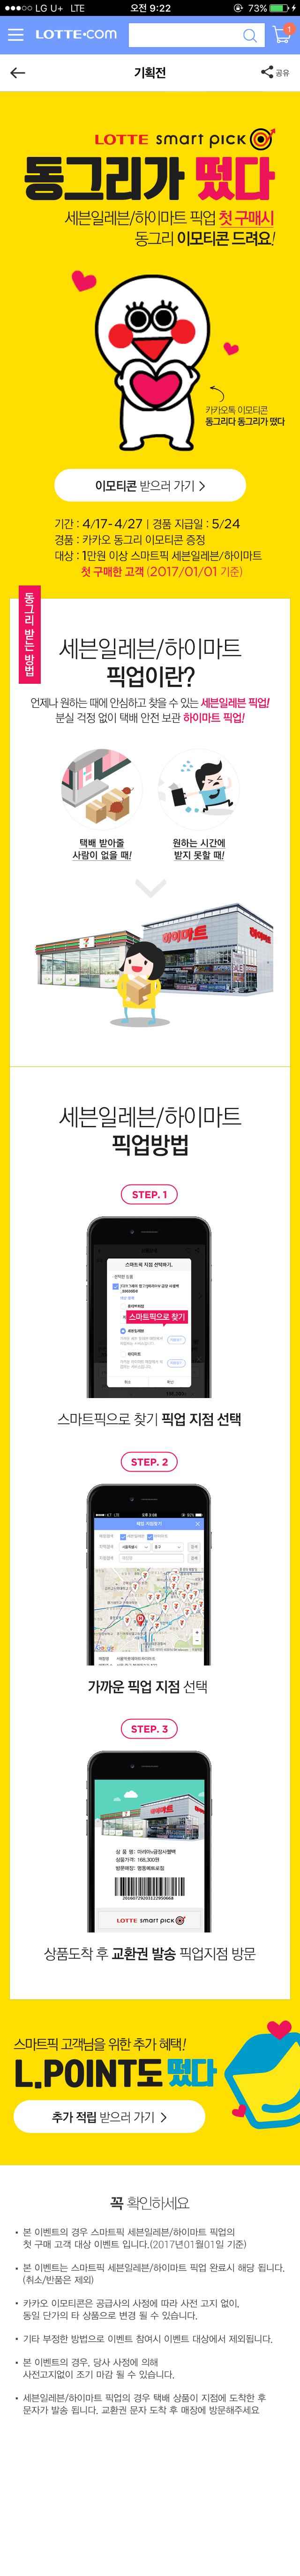 동그리가떴다(MO)_옴니채널팀_0417_Designed by 임수경